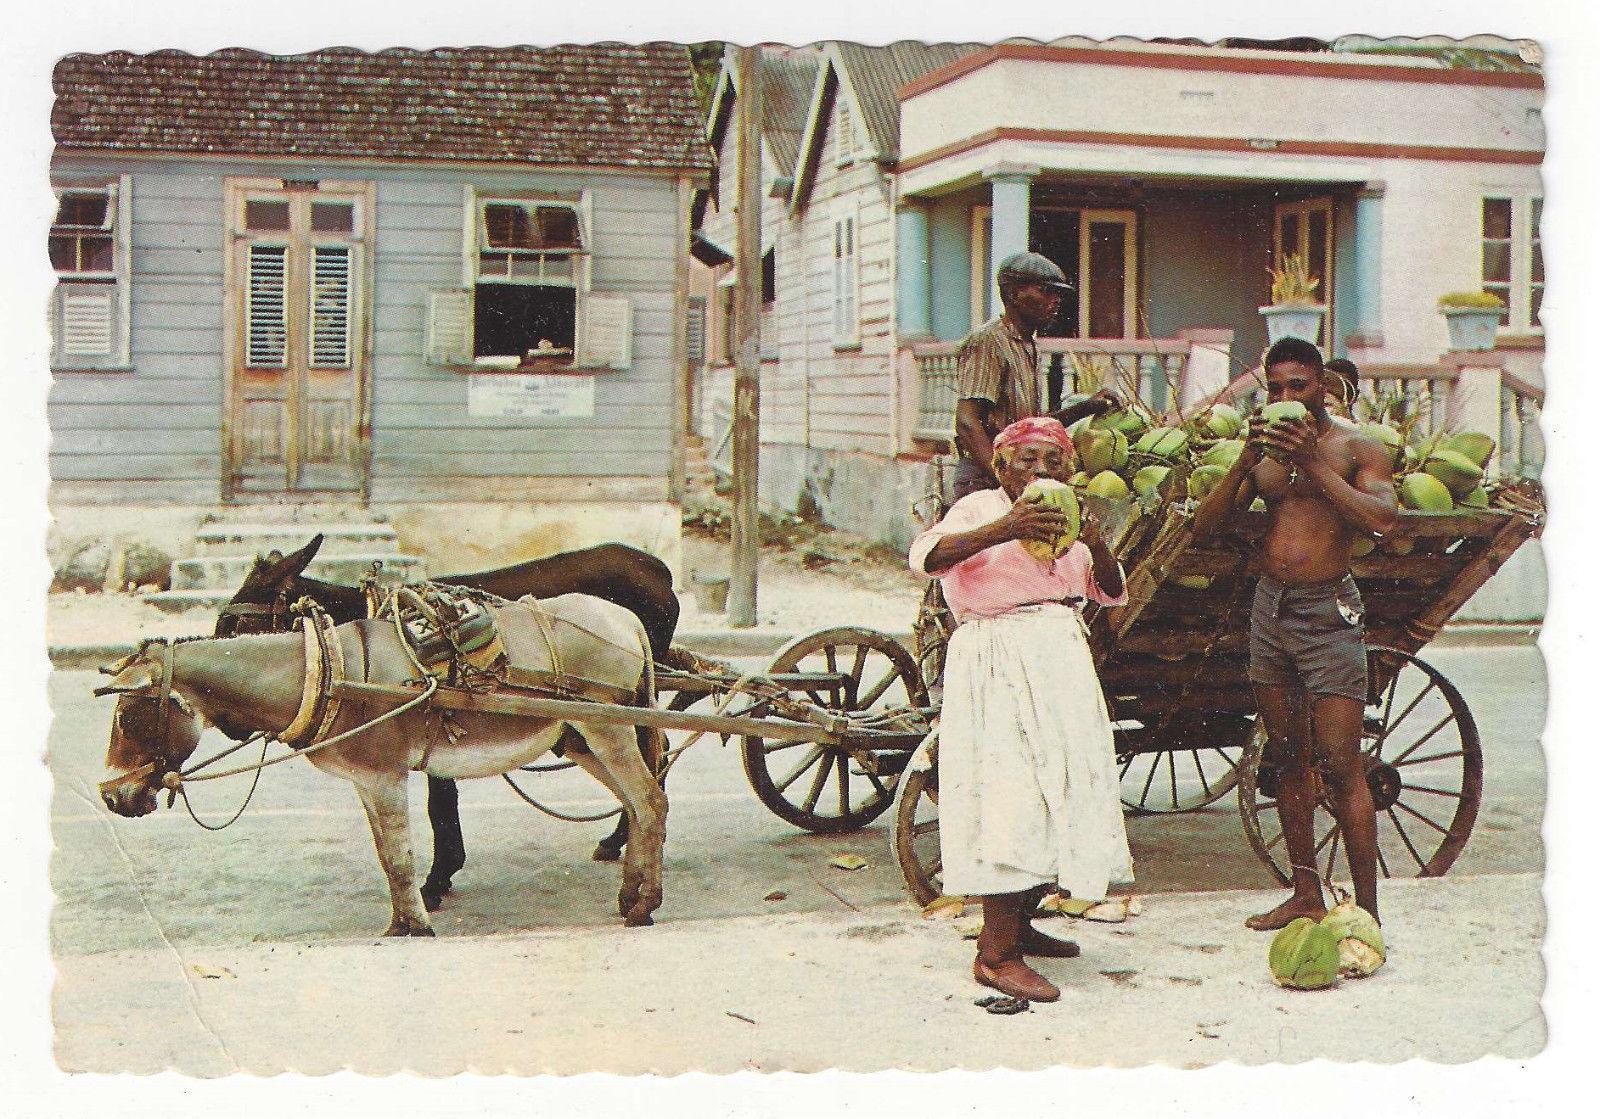 Caribbean Coconut Vendors Donkey Cart Vtg 1965 Postcard 4X6